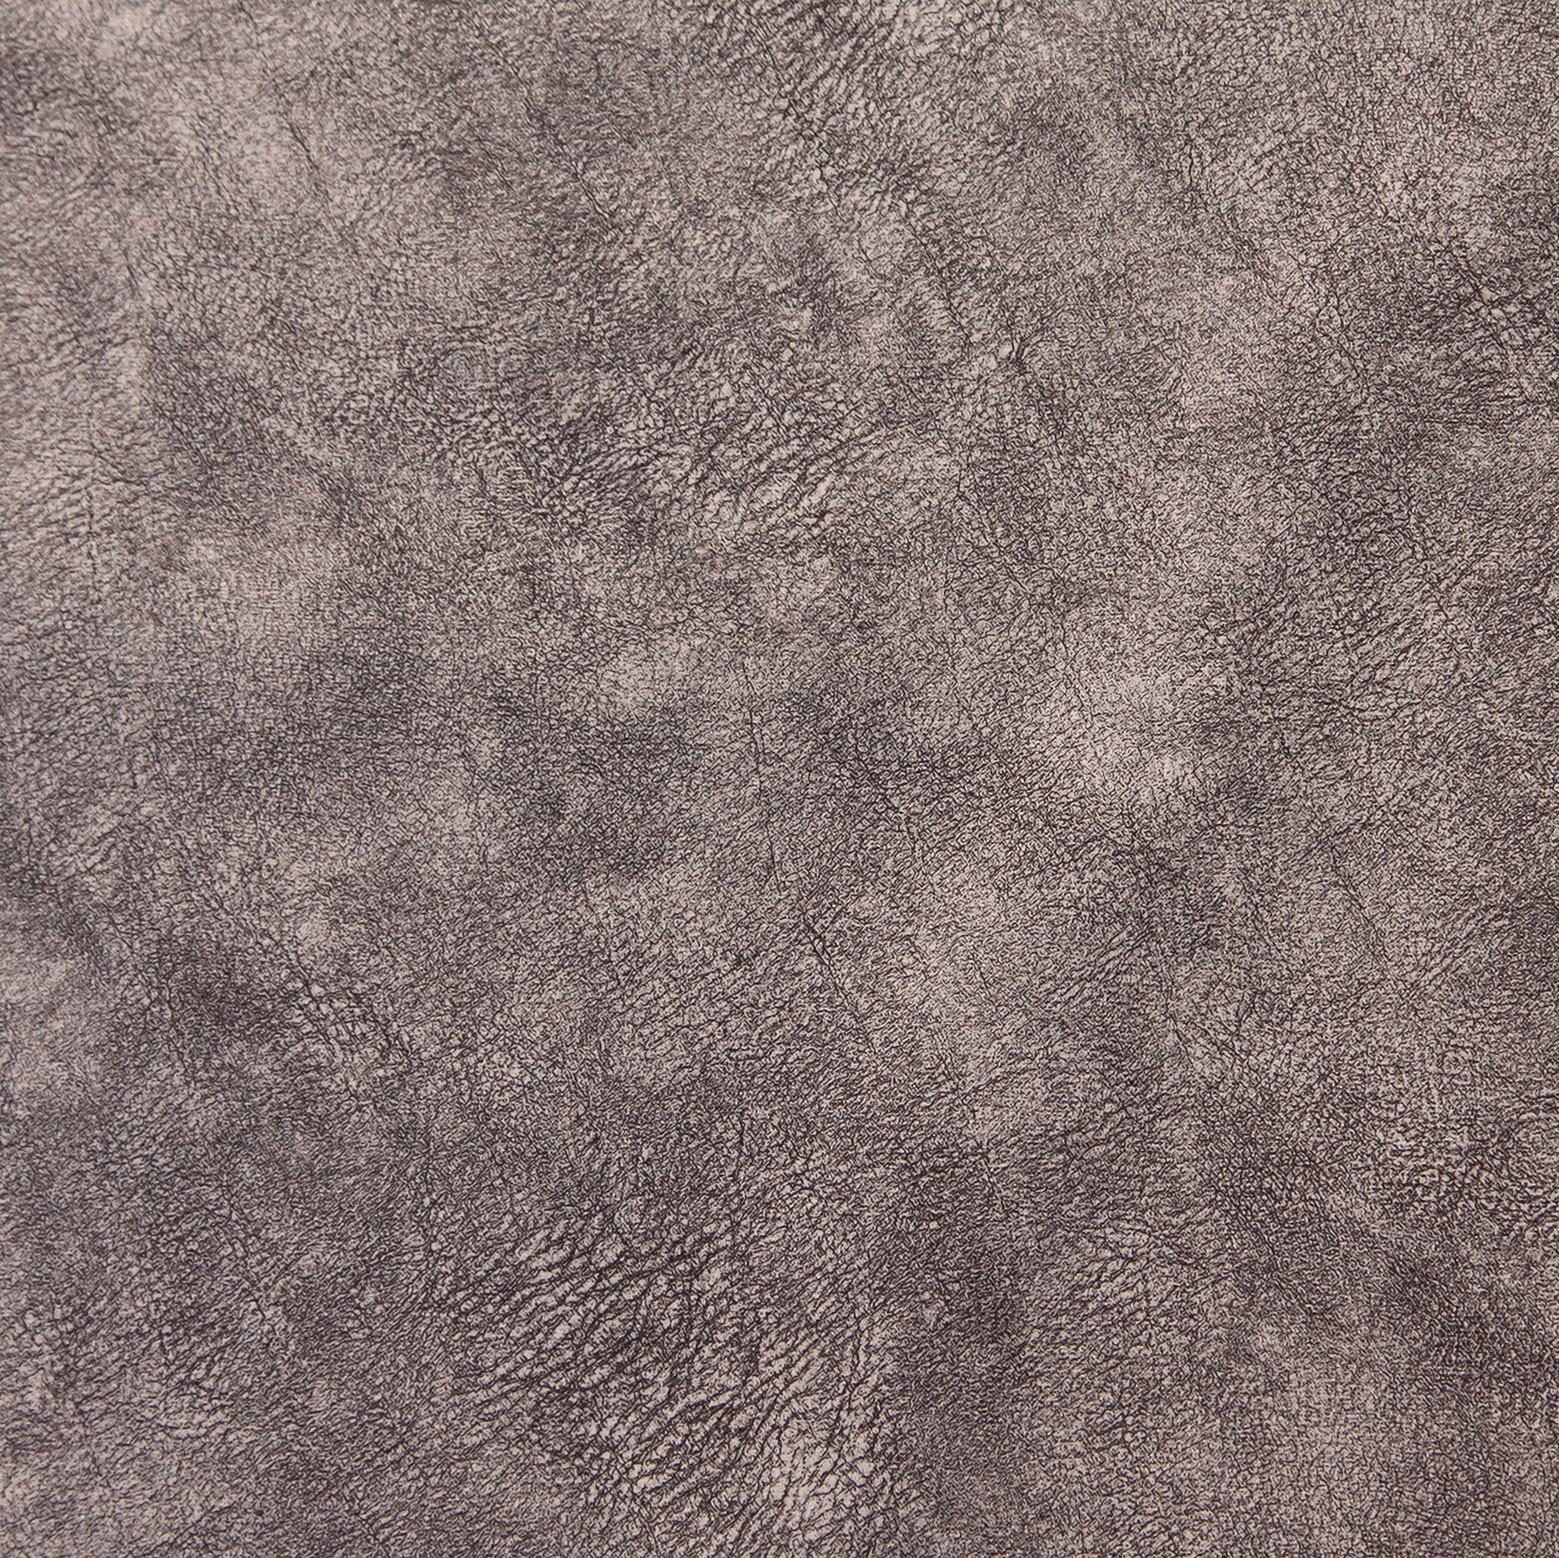 Коллекция ткани Ego Ivory,  купить ткань Велюр для мебели Украина